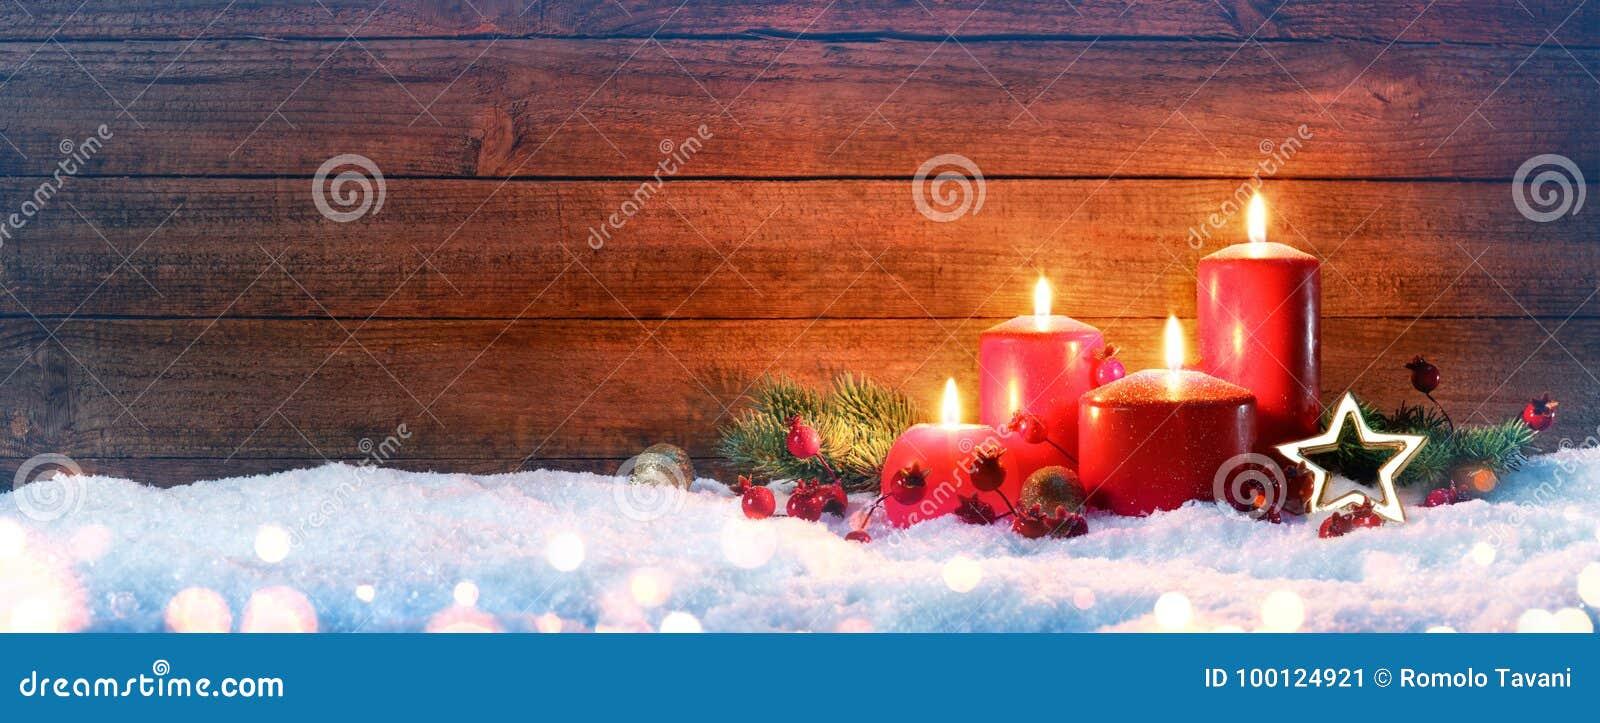 Εποχή εμφάνισης - τέσσερα κόκκινα κεριά στο χιόνι